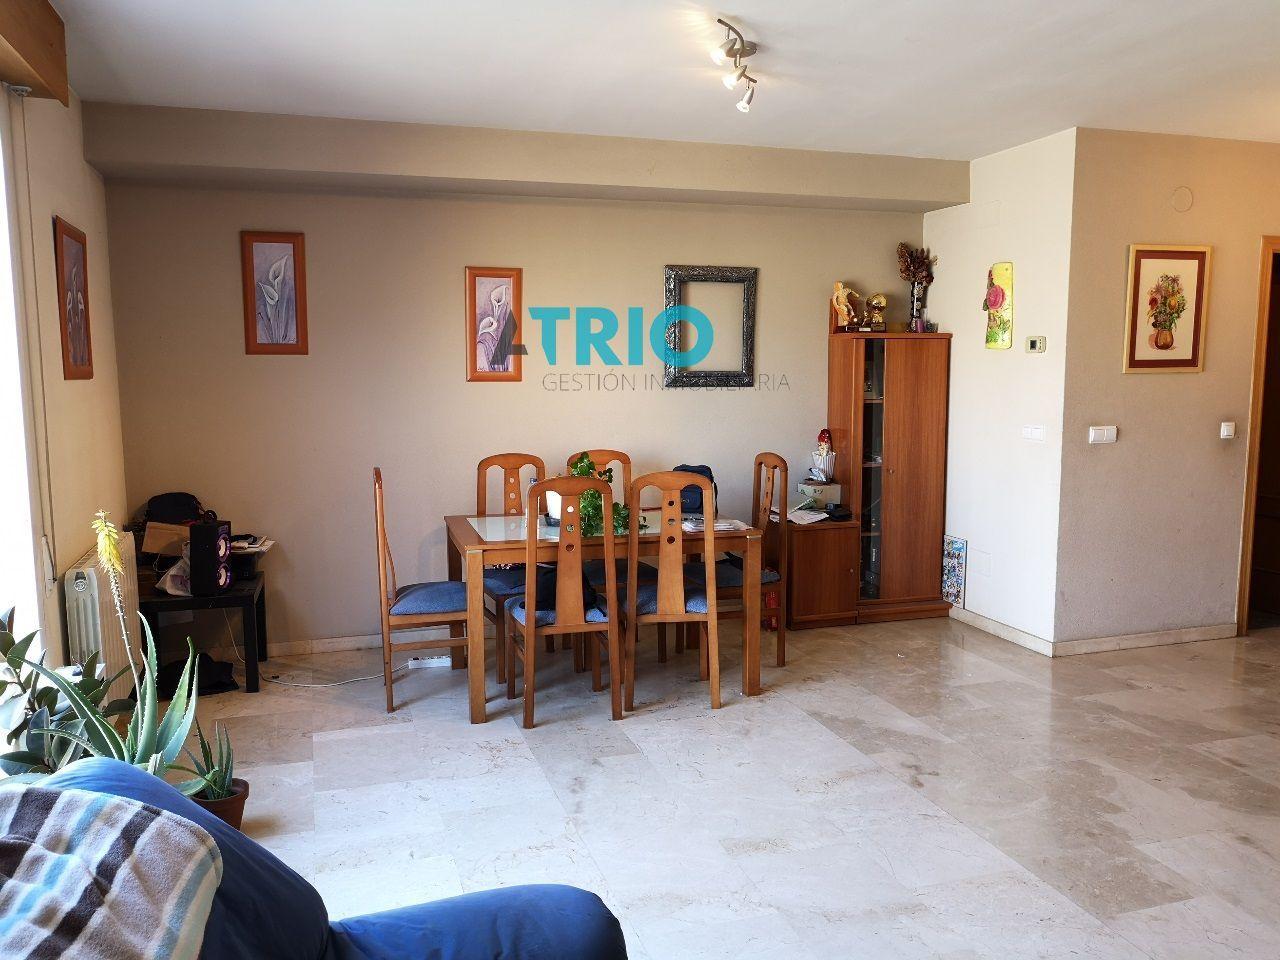 dia.mobiliagestion.es/Portals/inmoatrio/Images/5829/2988532